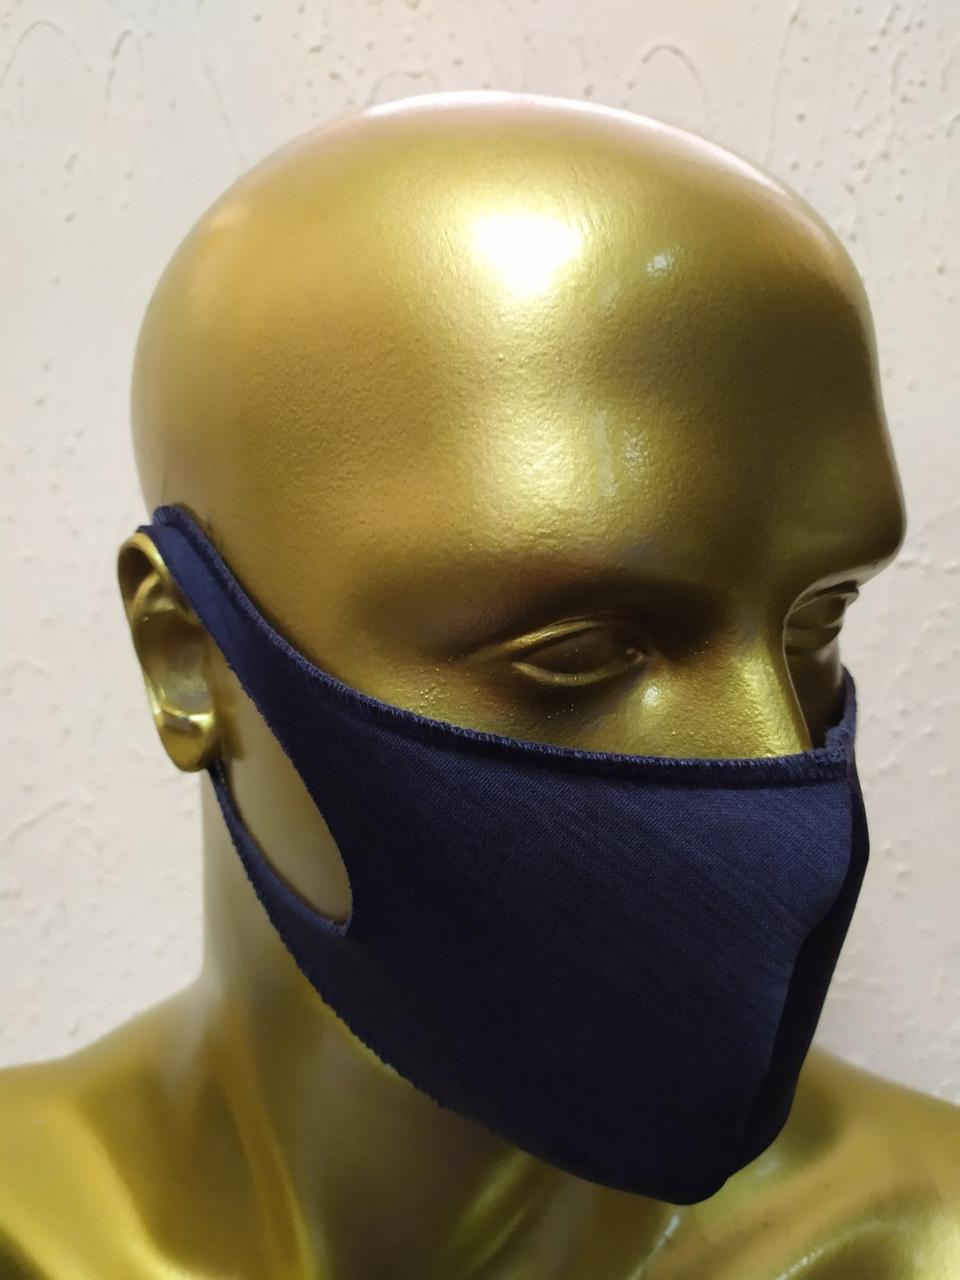 Пітта-маска NeoStripe неопренова багаторазова з оверложенными краями реальна наявність (NS100300)